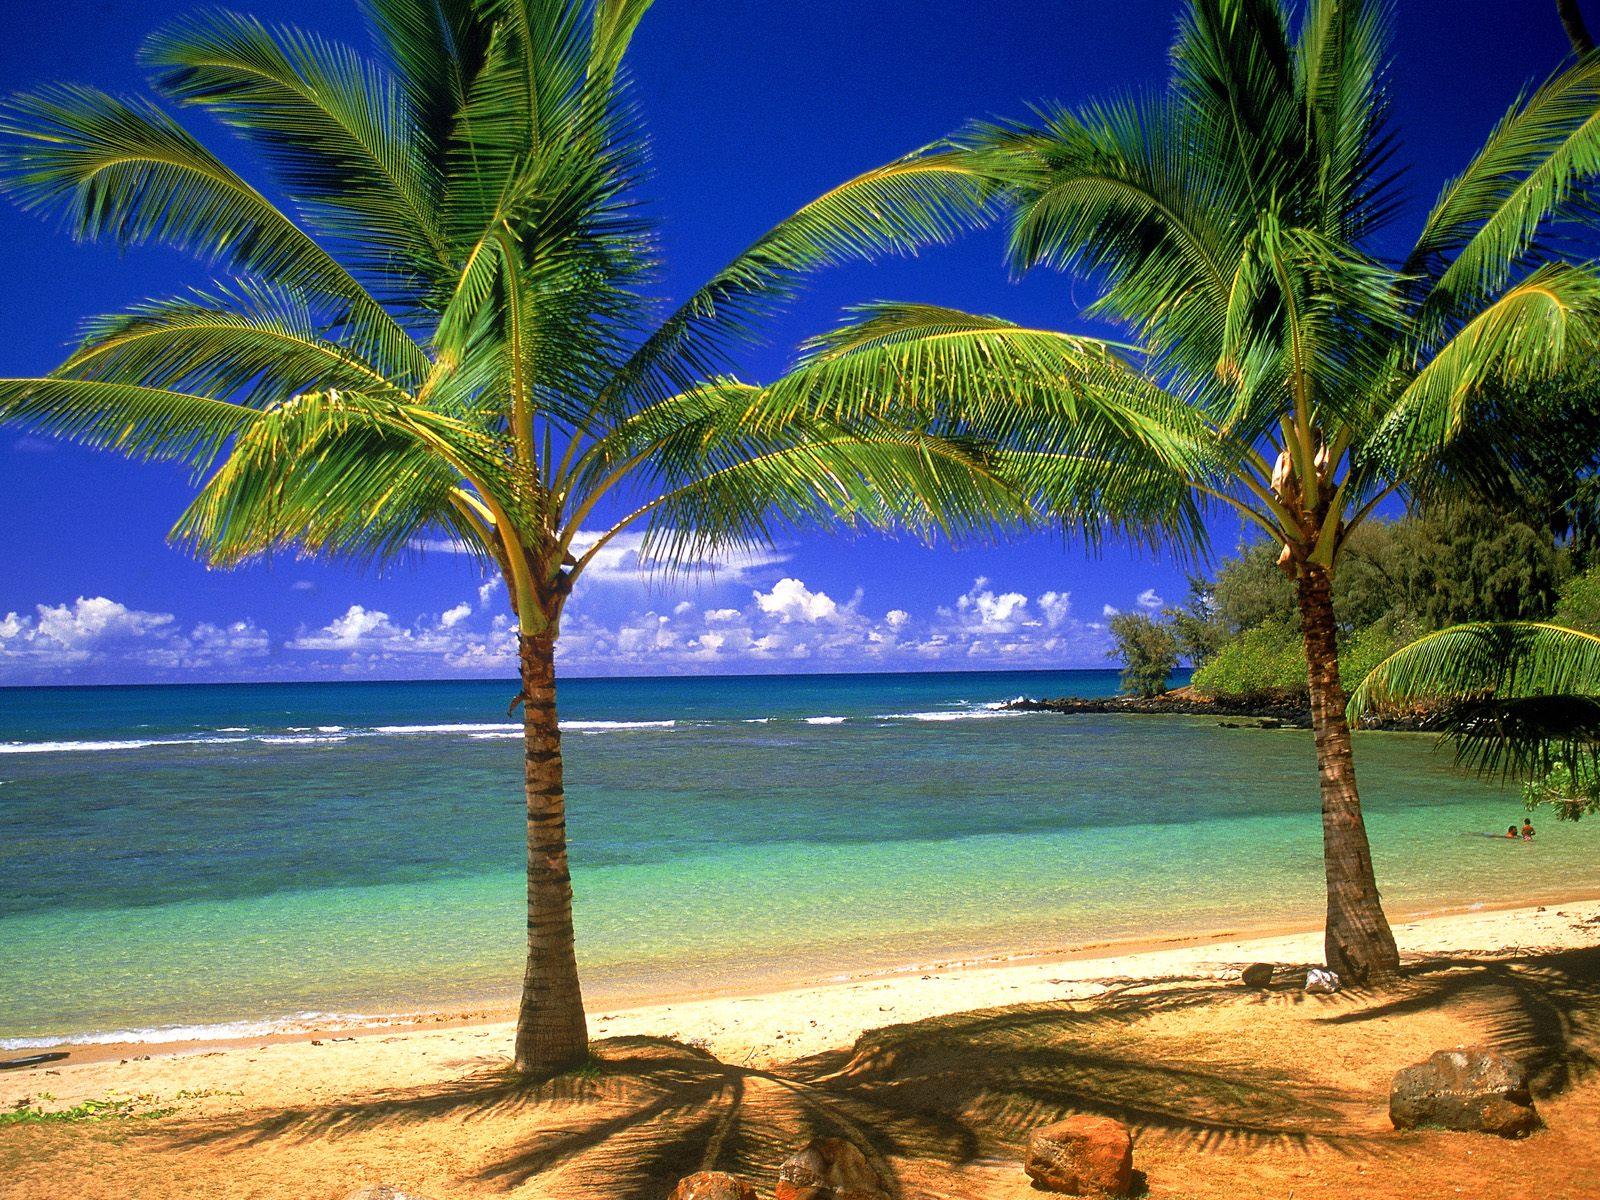 Tropical Wallpaper Desktop Beach Widescreen Sunset Wallpapers Solar Eclipse 2009